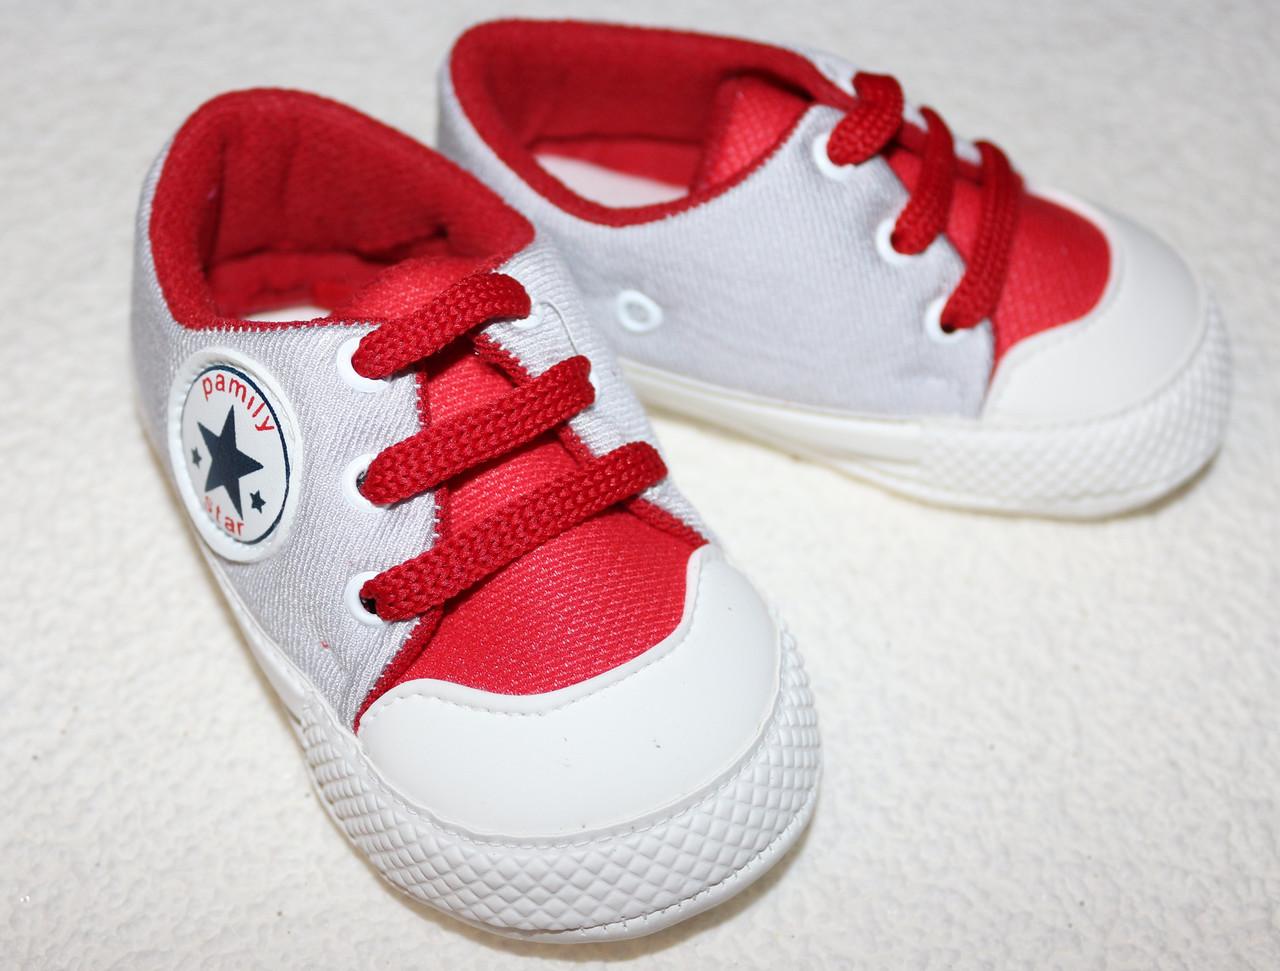 Обувь для маленьких крошек 4-8 мес (11 см) 8-12 мес (11,5 см)